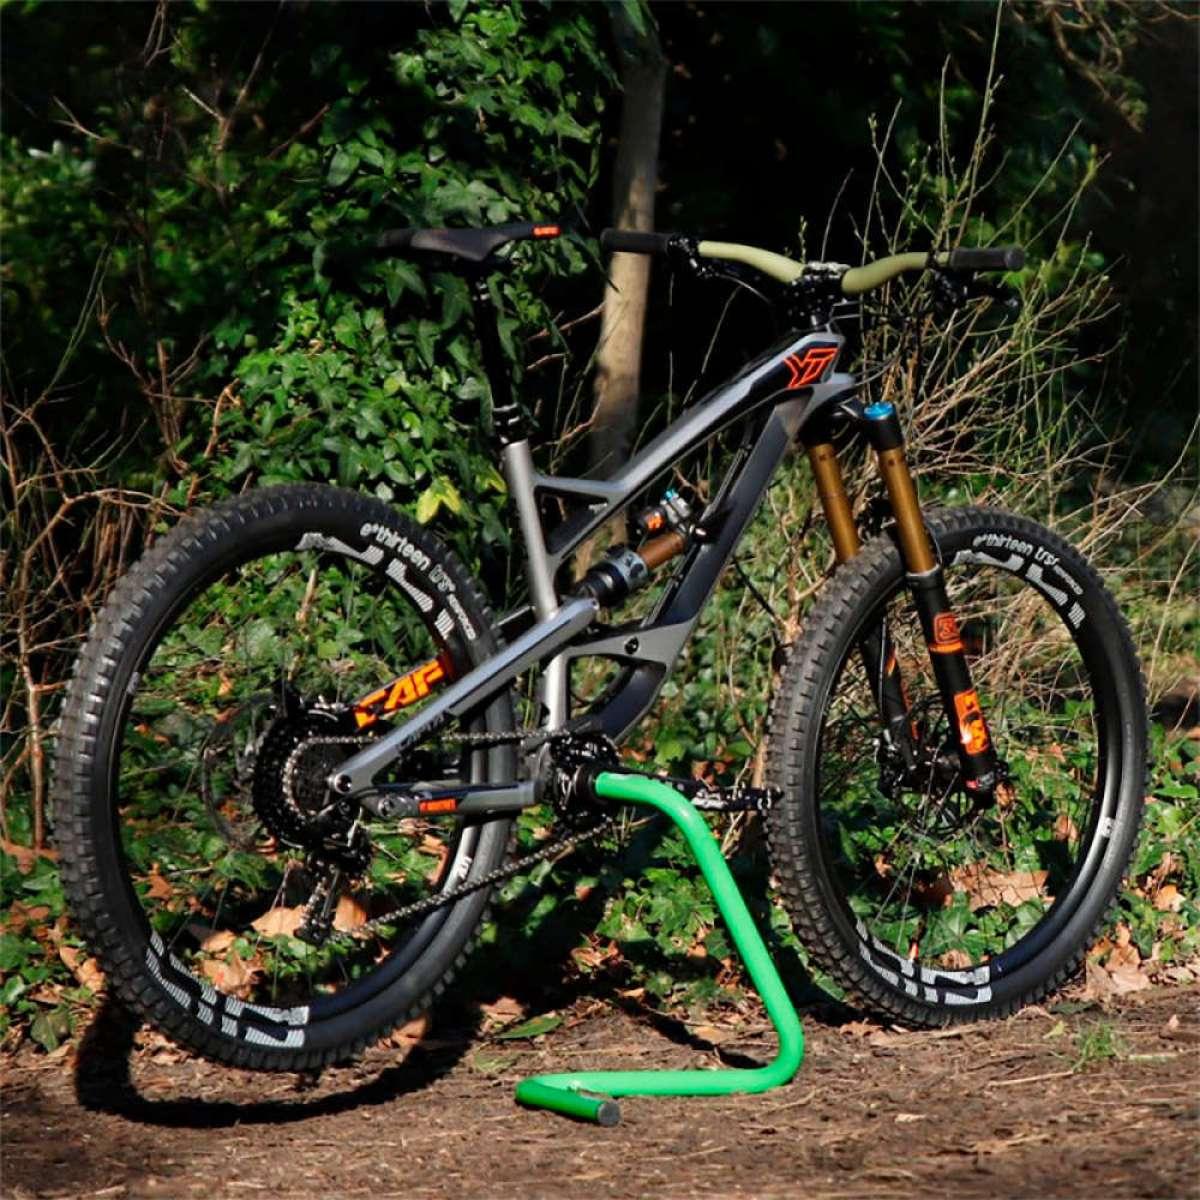 Cycloc Hobo, un soporte perfecto para reparaciones y almacenamiento de la bicicleta